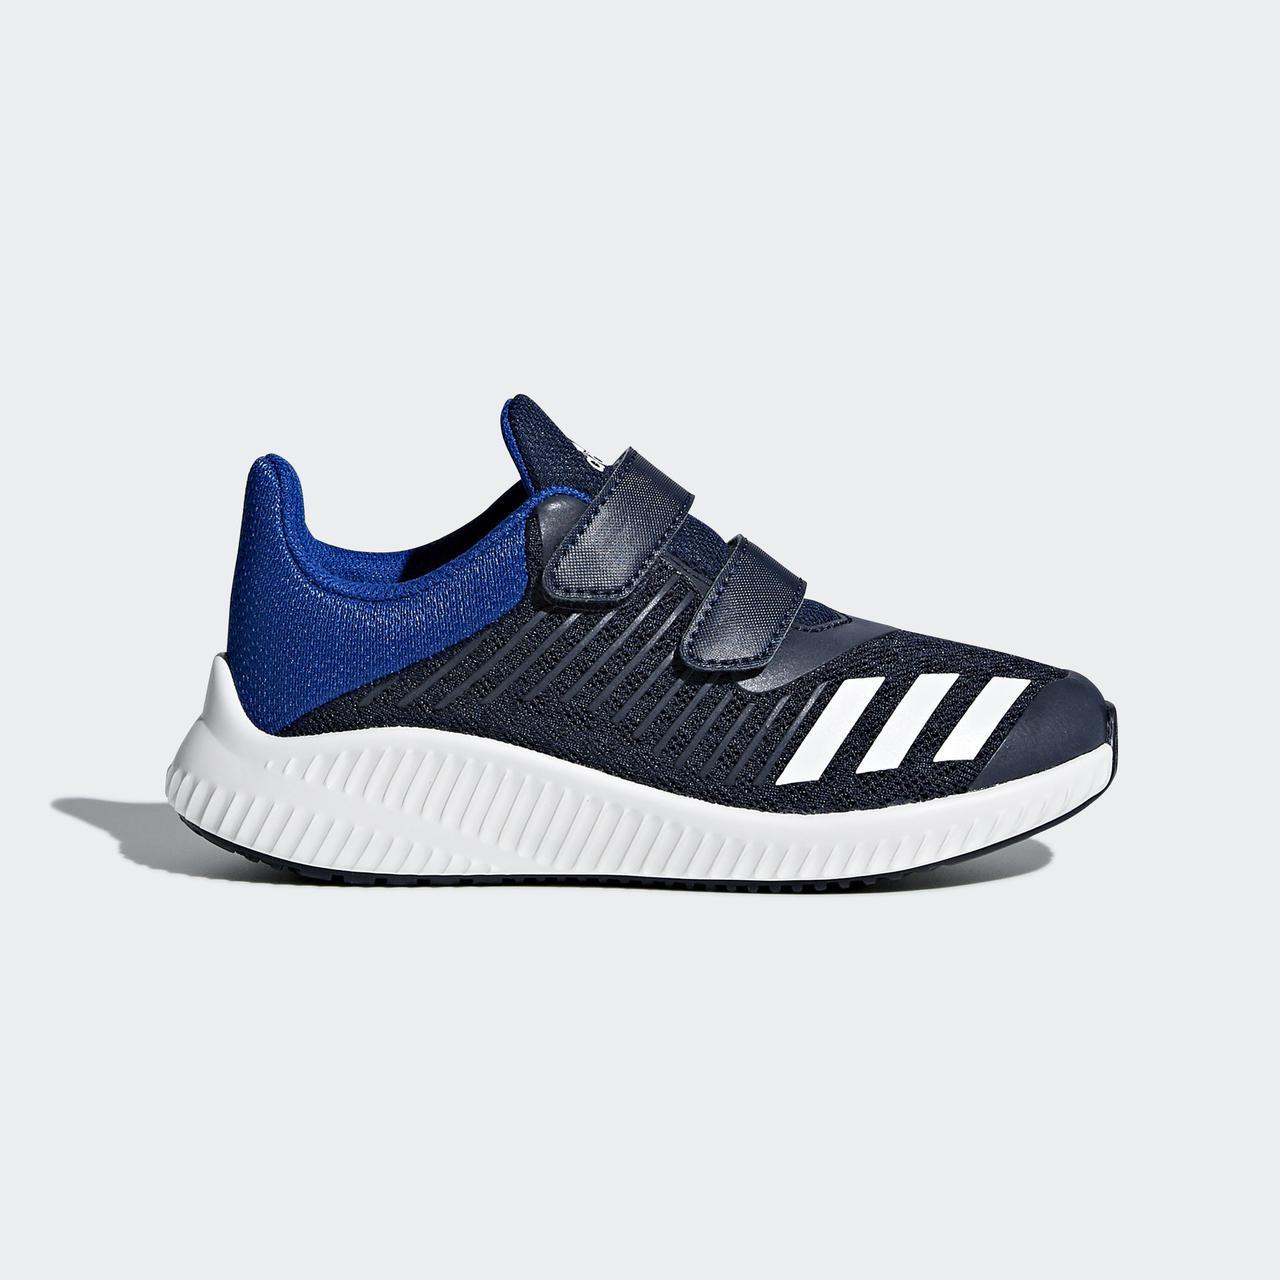 c02d1c23 Купить Детские кроссовки Adidas Performance Fortarun (Артикул ...